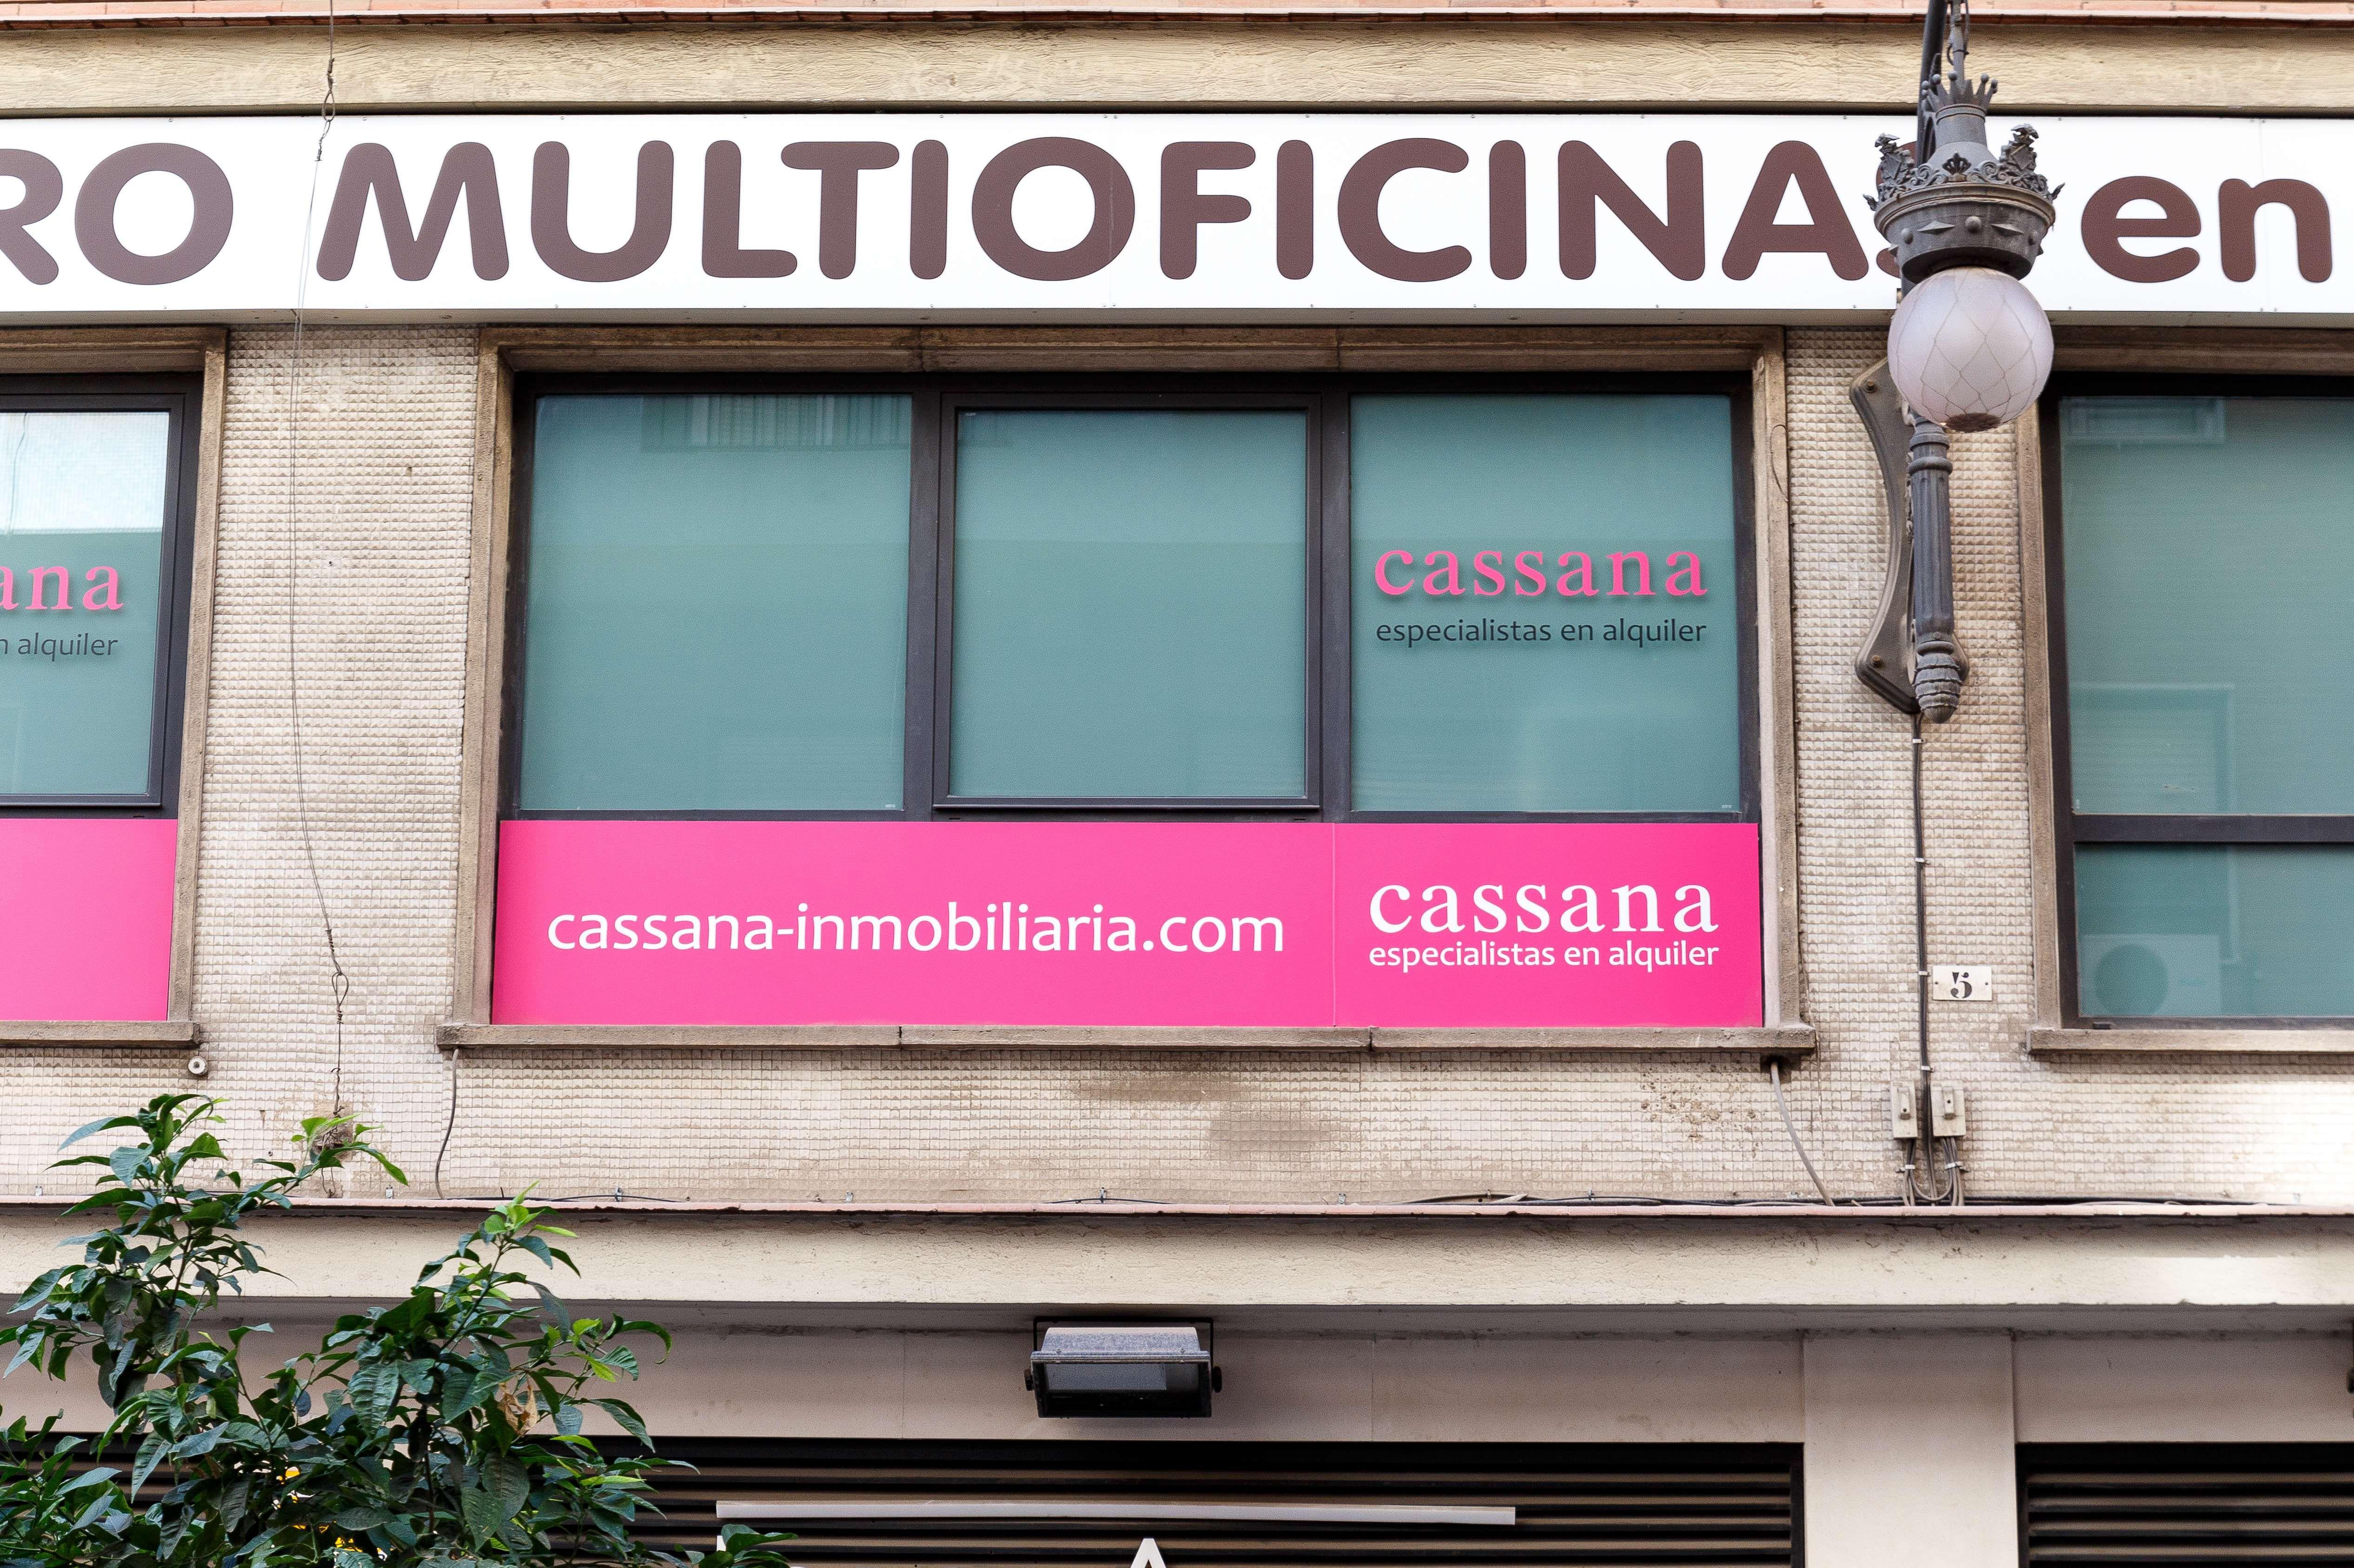 Cassana Inmobiliaria en Valencia. Especialistas en Alquiler